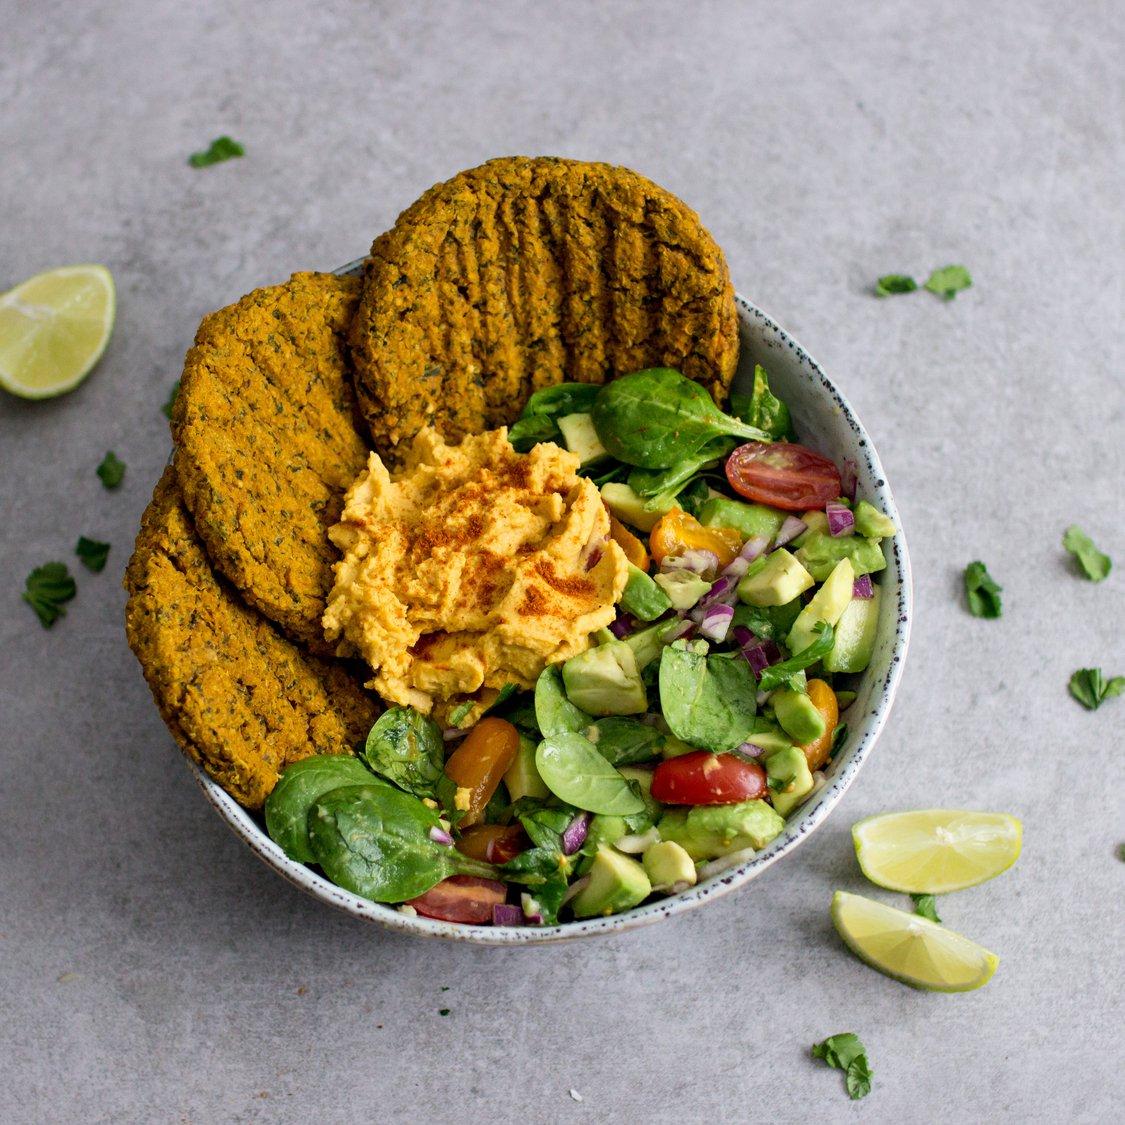 Hirsepatties mit Süßkartoffelhummus und Salat